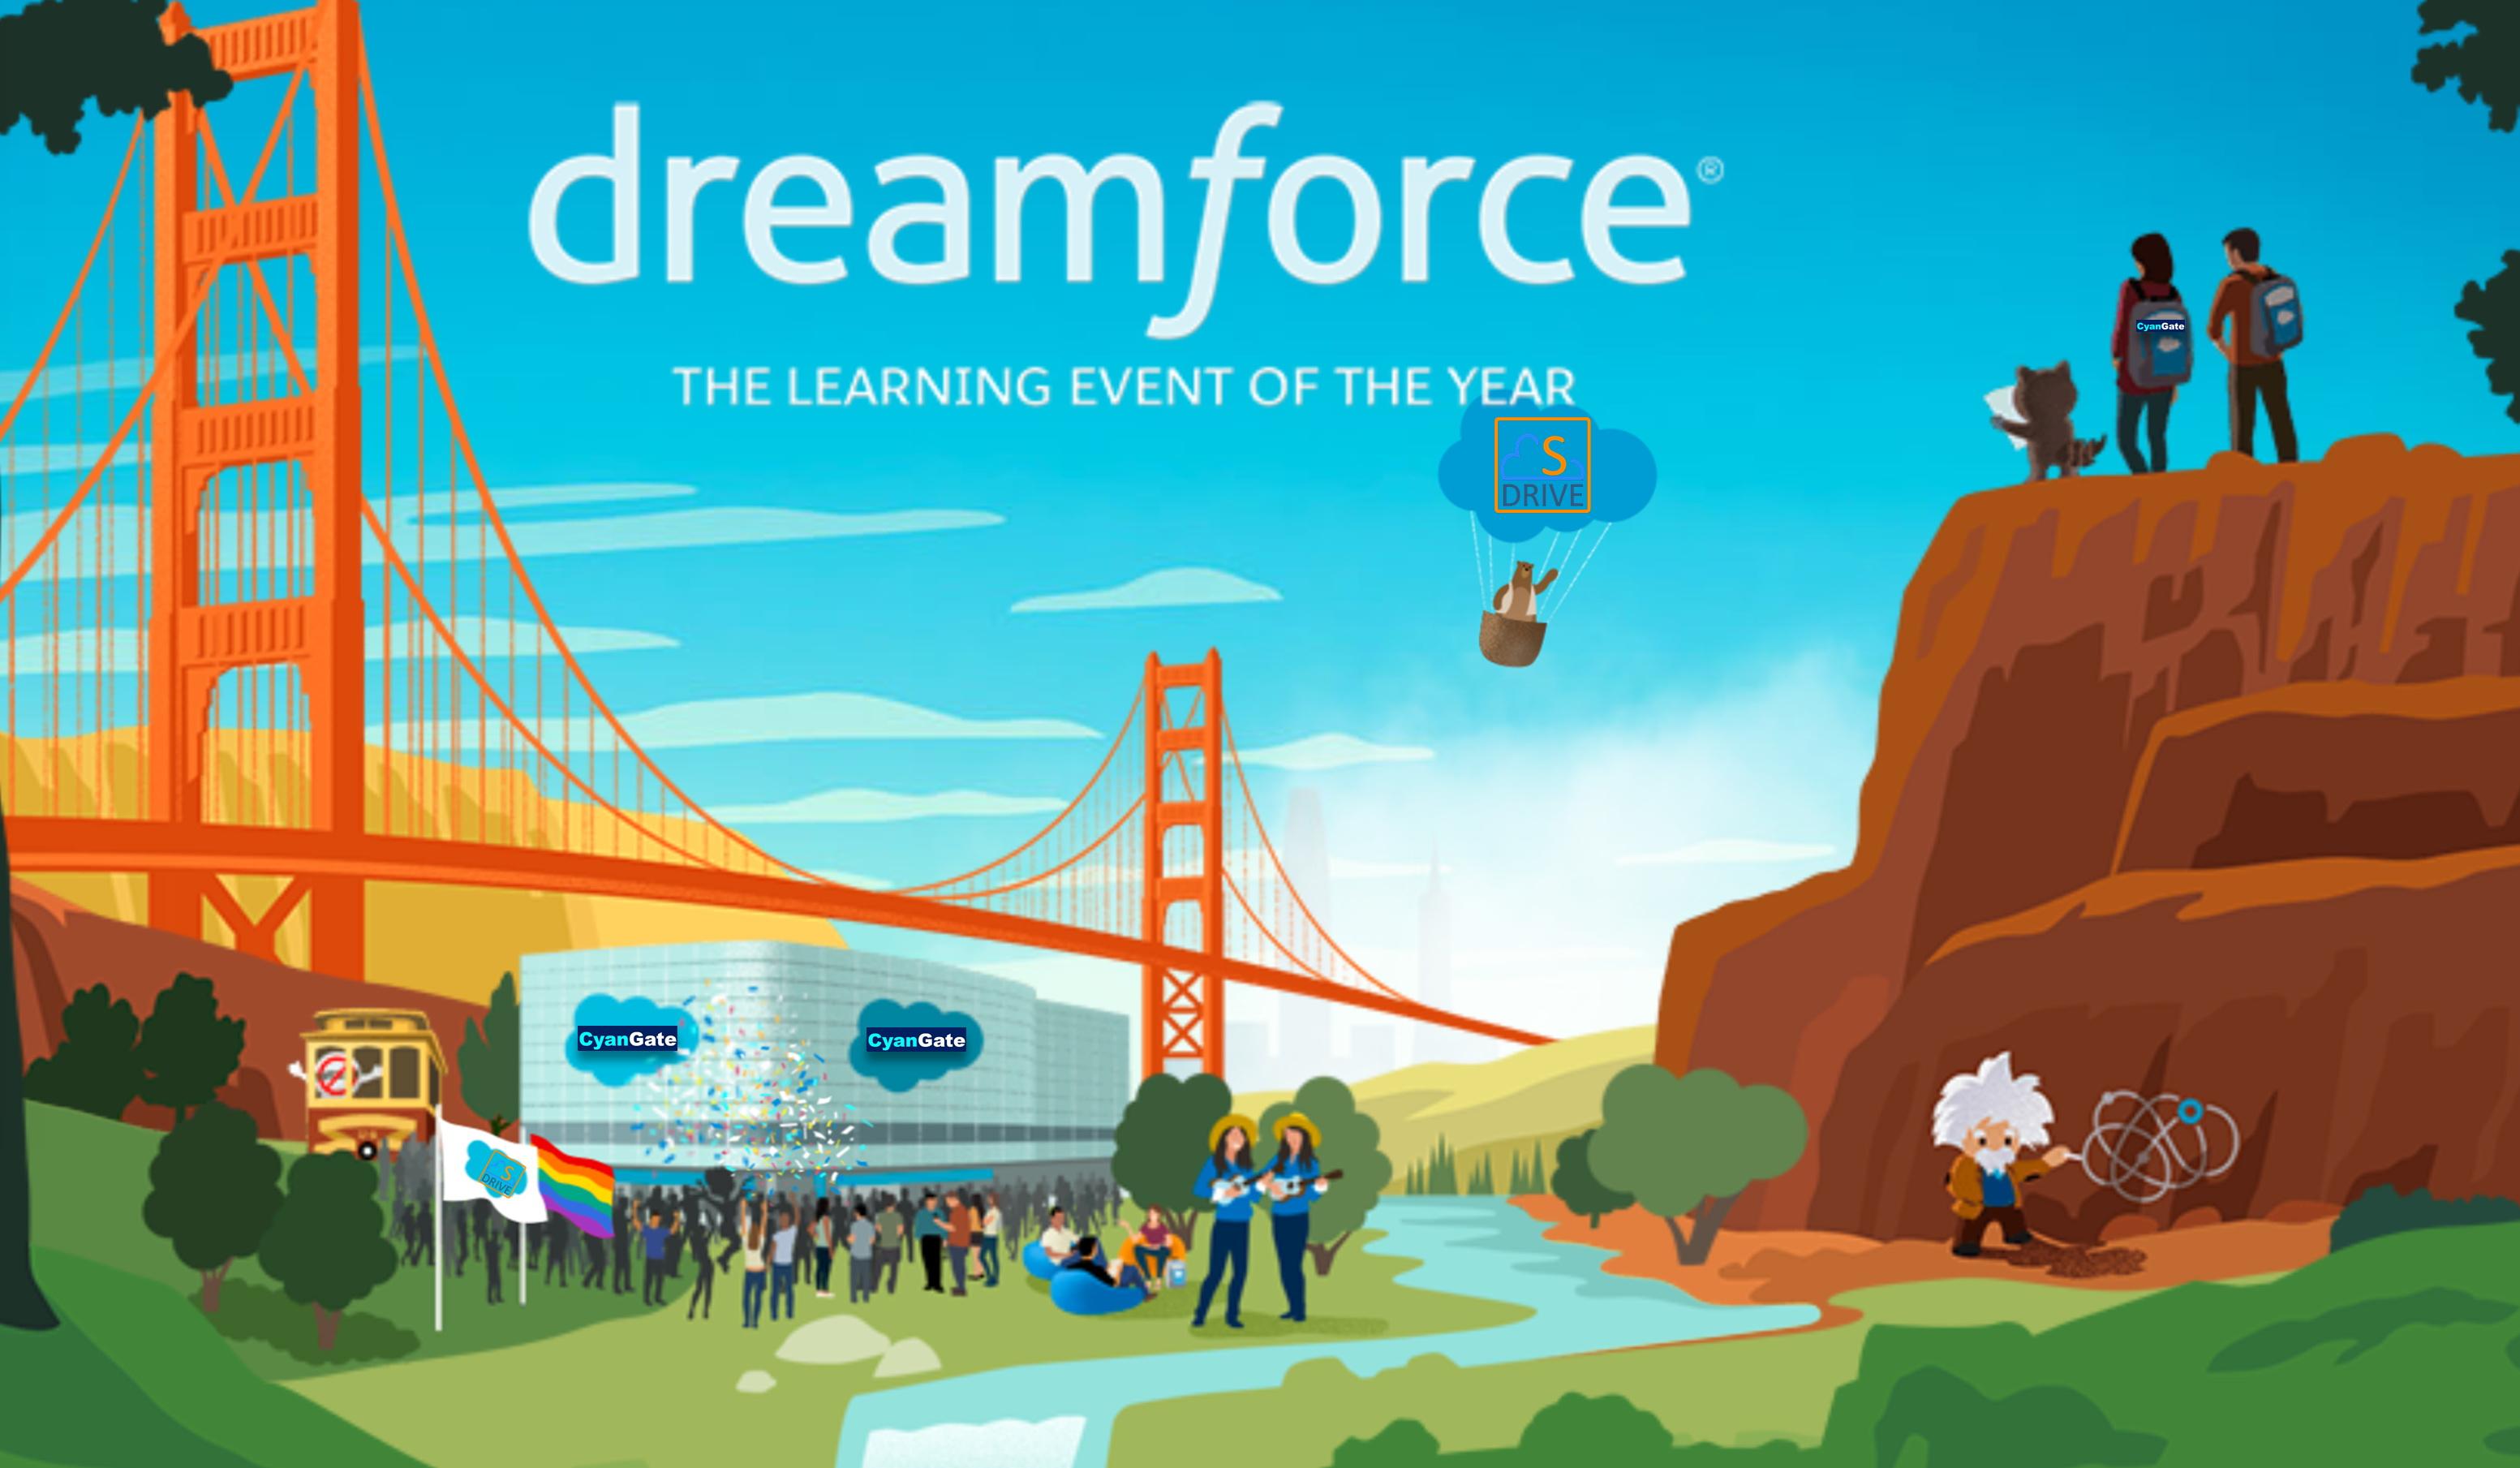 CyanGate » Dreamforce 2018 on